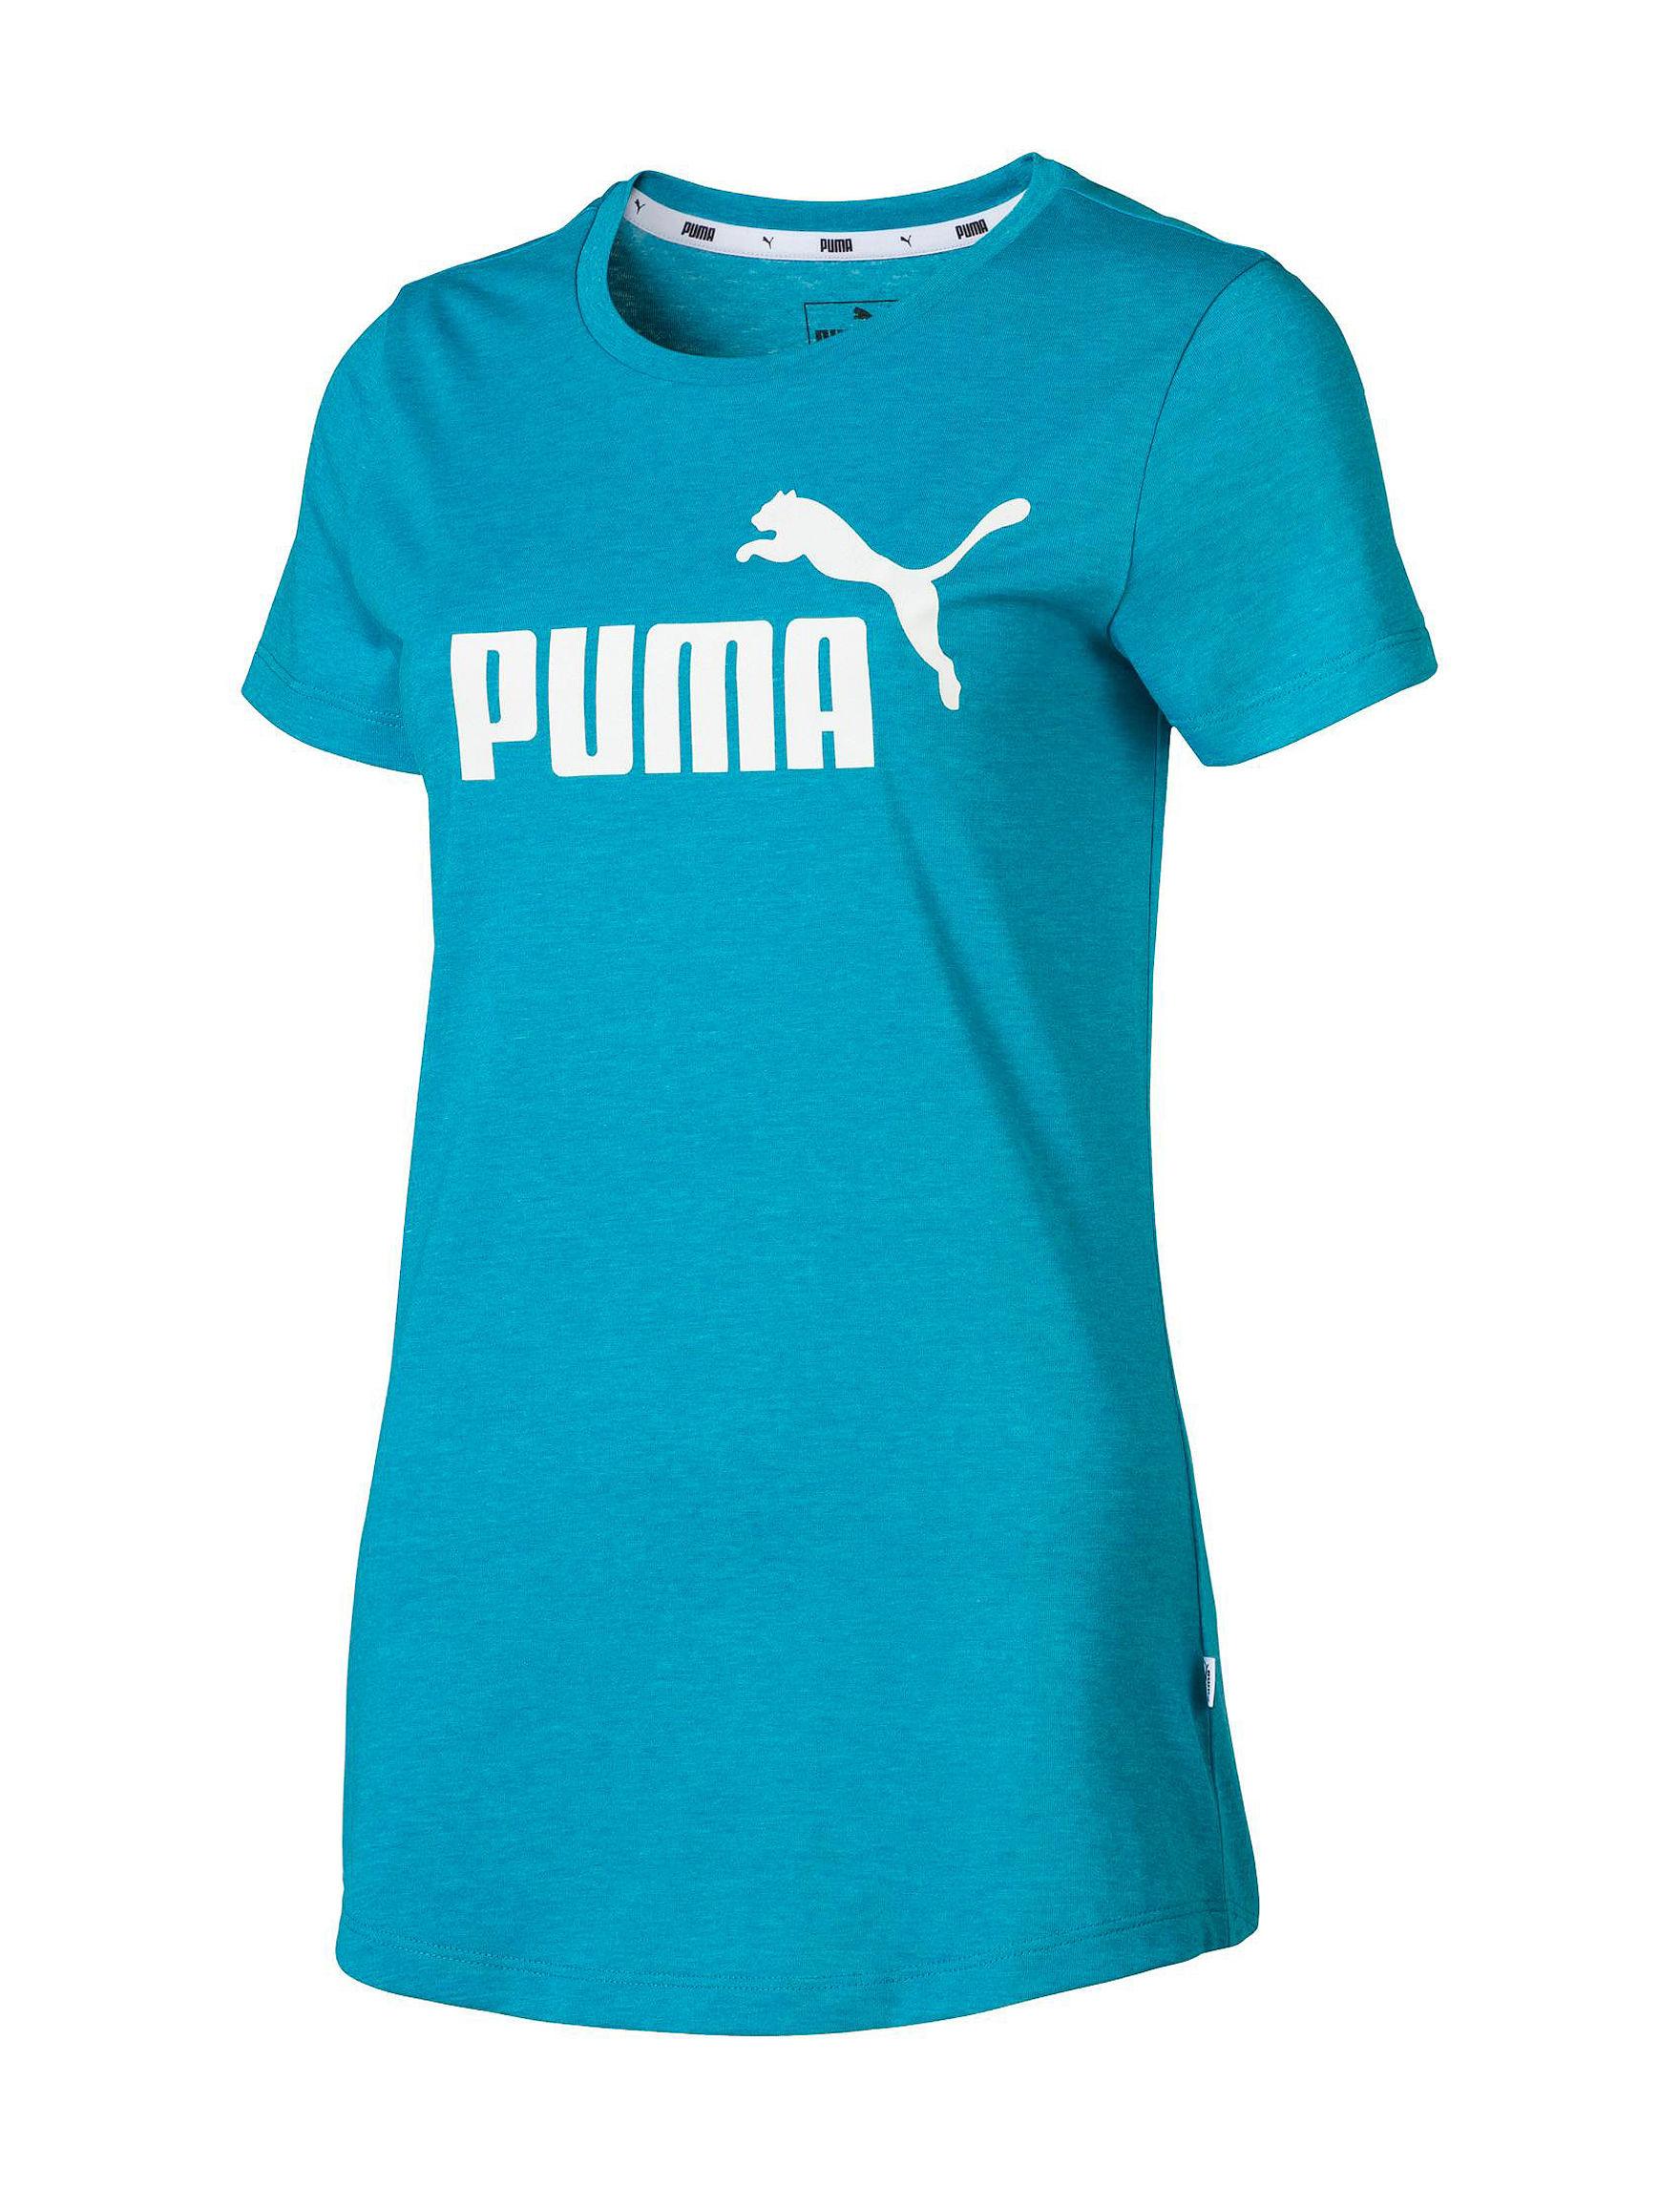 Puma Teal Tees & Tanks